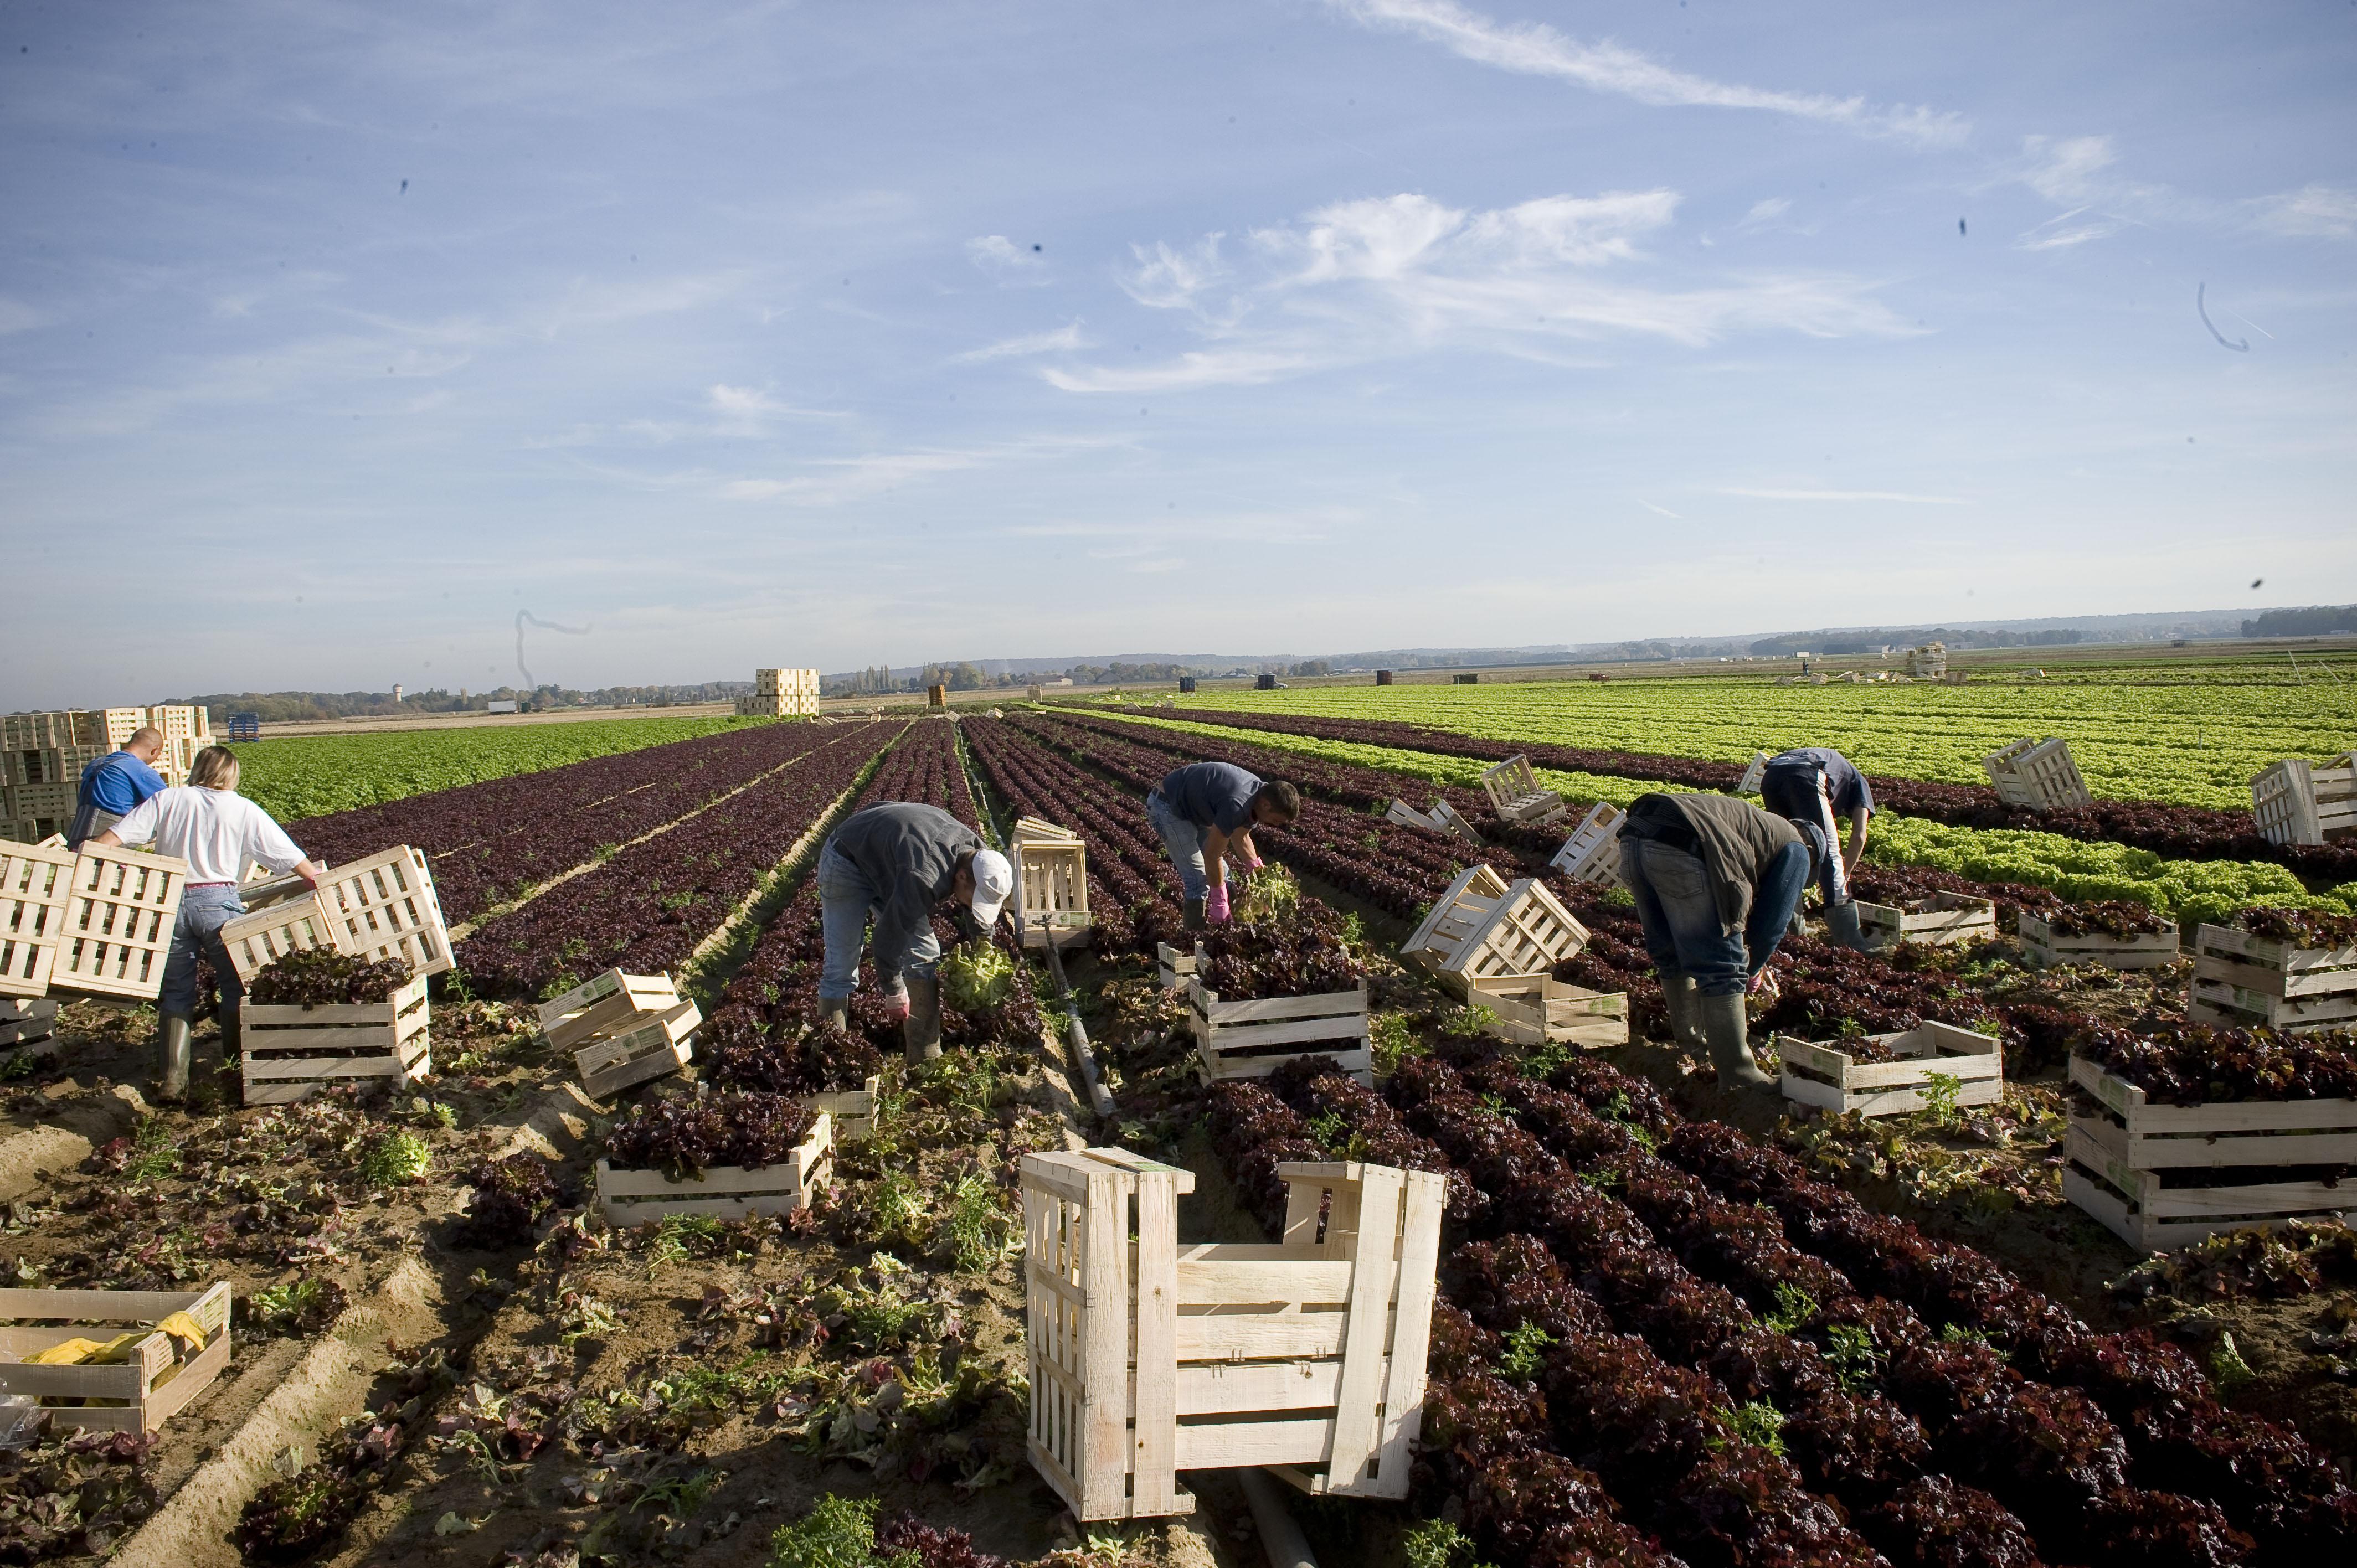 ouvrier    ouvri u00e8re agricole   m u00e9tier   u00e9tudes  dipl u00f4mes  salaire  formation